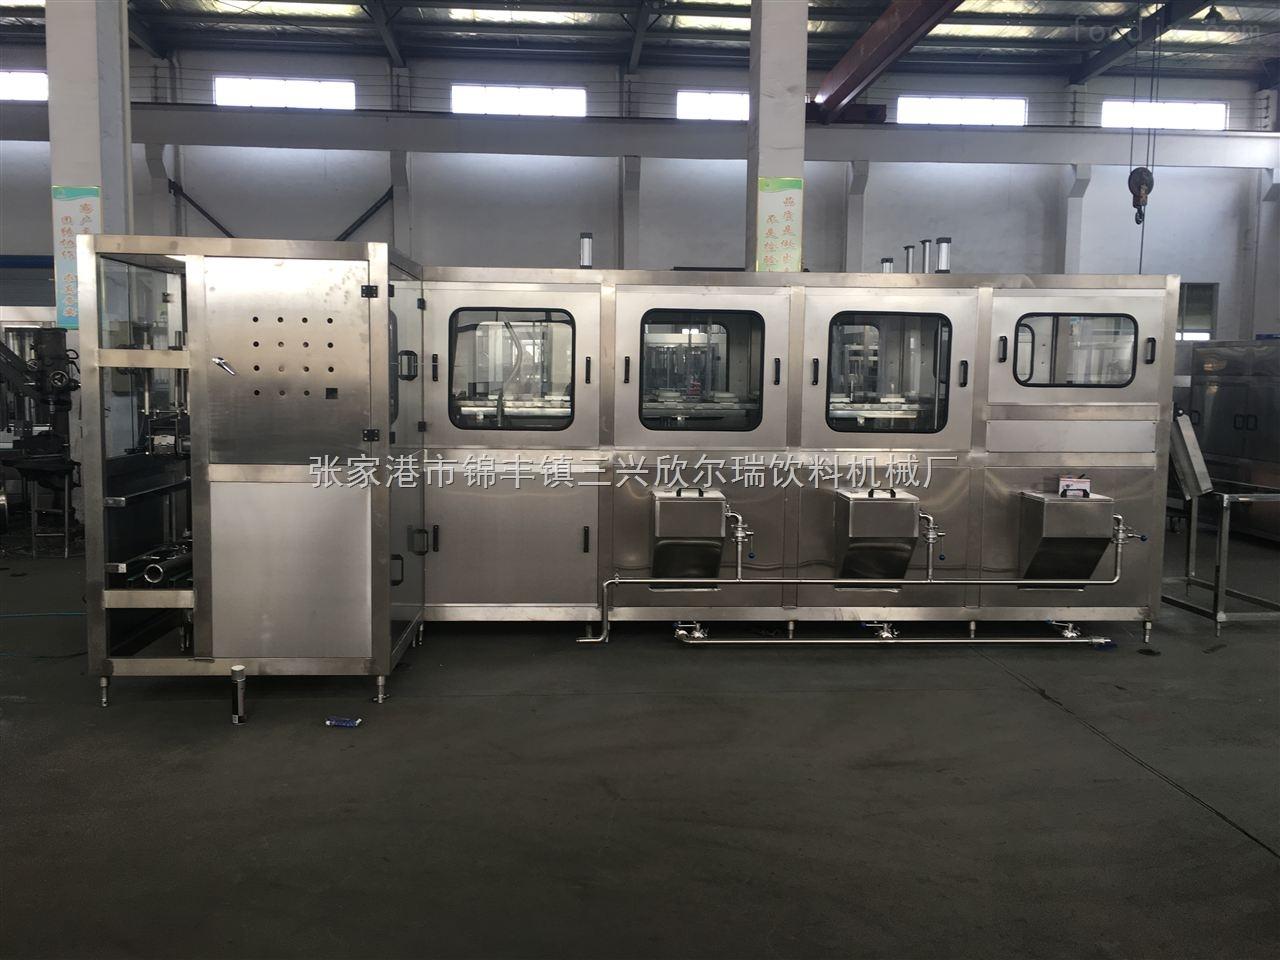 桶装水生产线的工作过程以及操作步骤